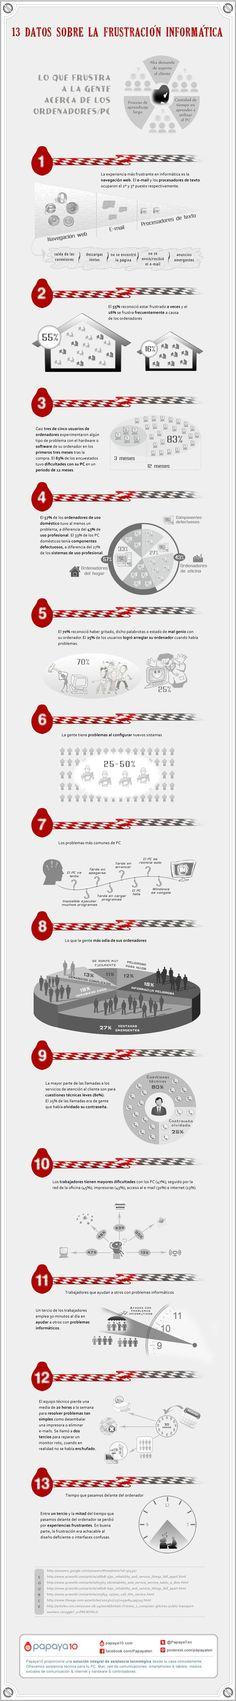 #Infografia Principales Frustraciones Informáticas